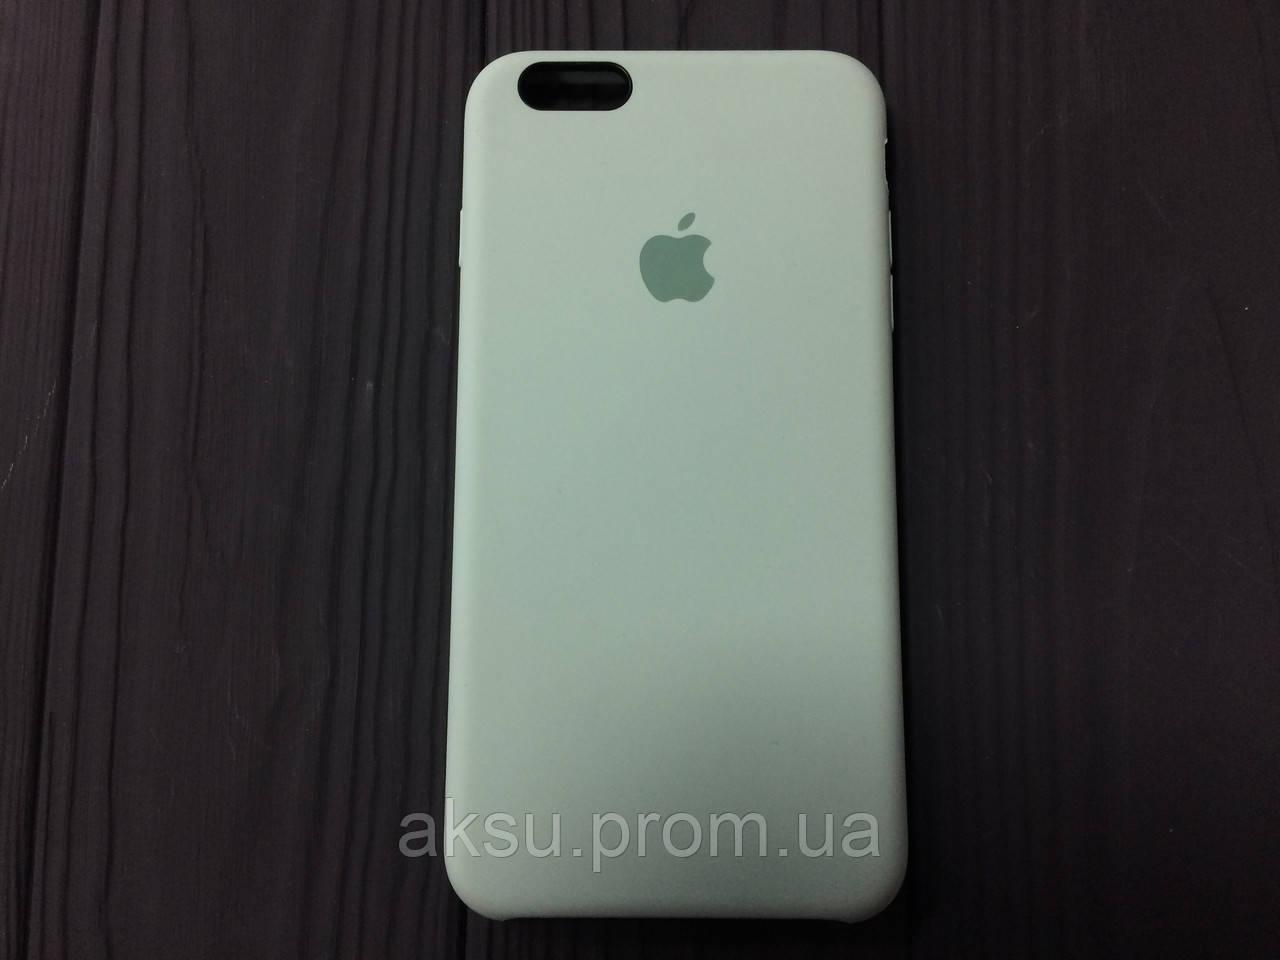 Чехол Silicone case для iPhone 6 Plus / 6s Plus